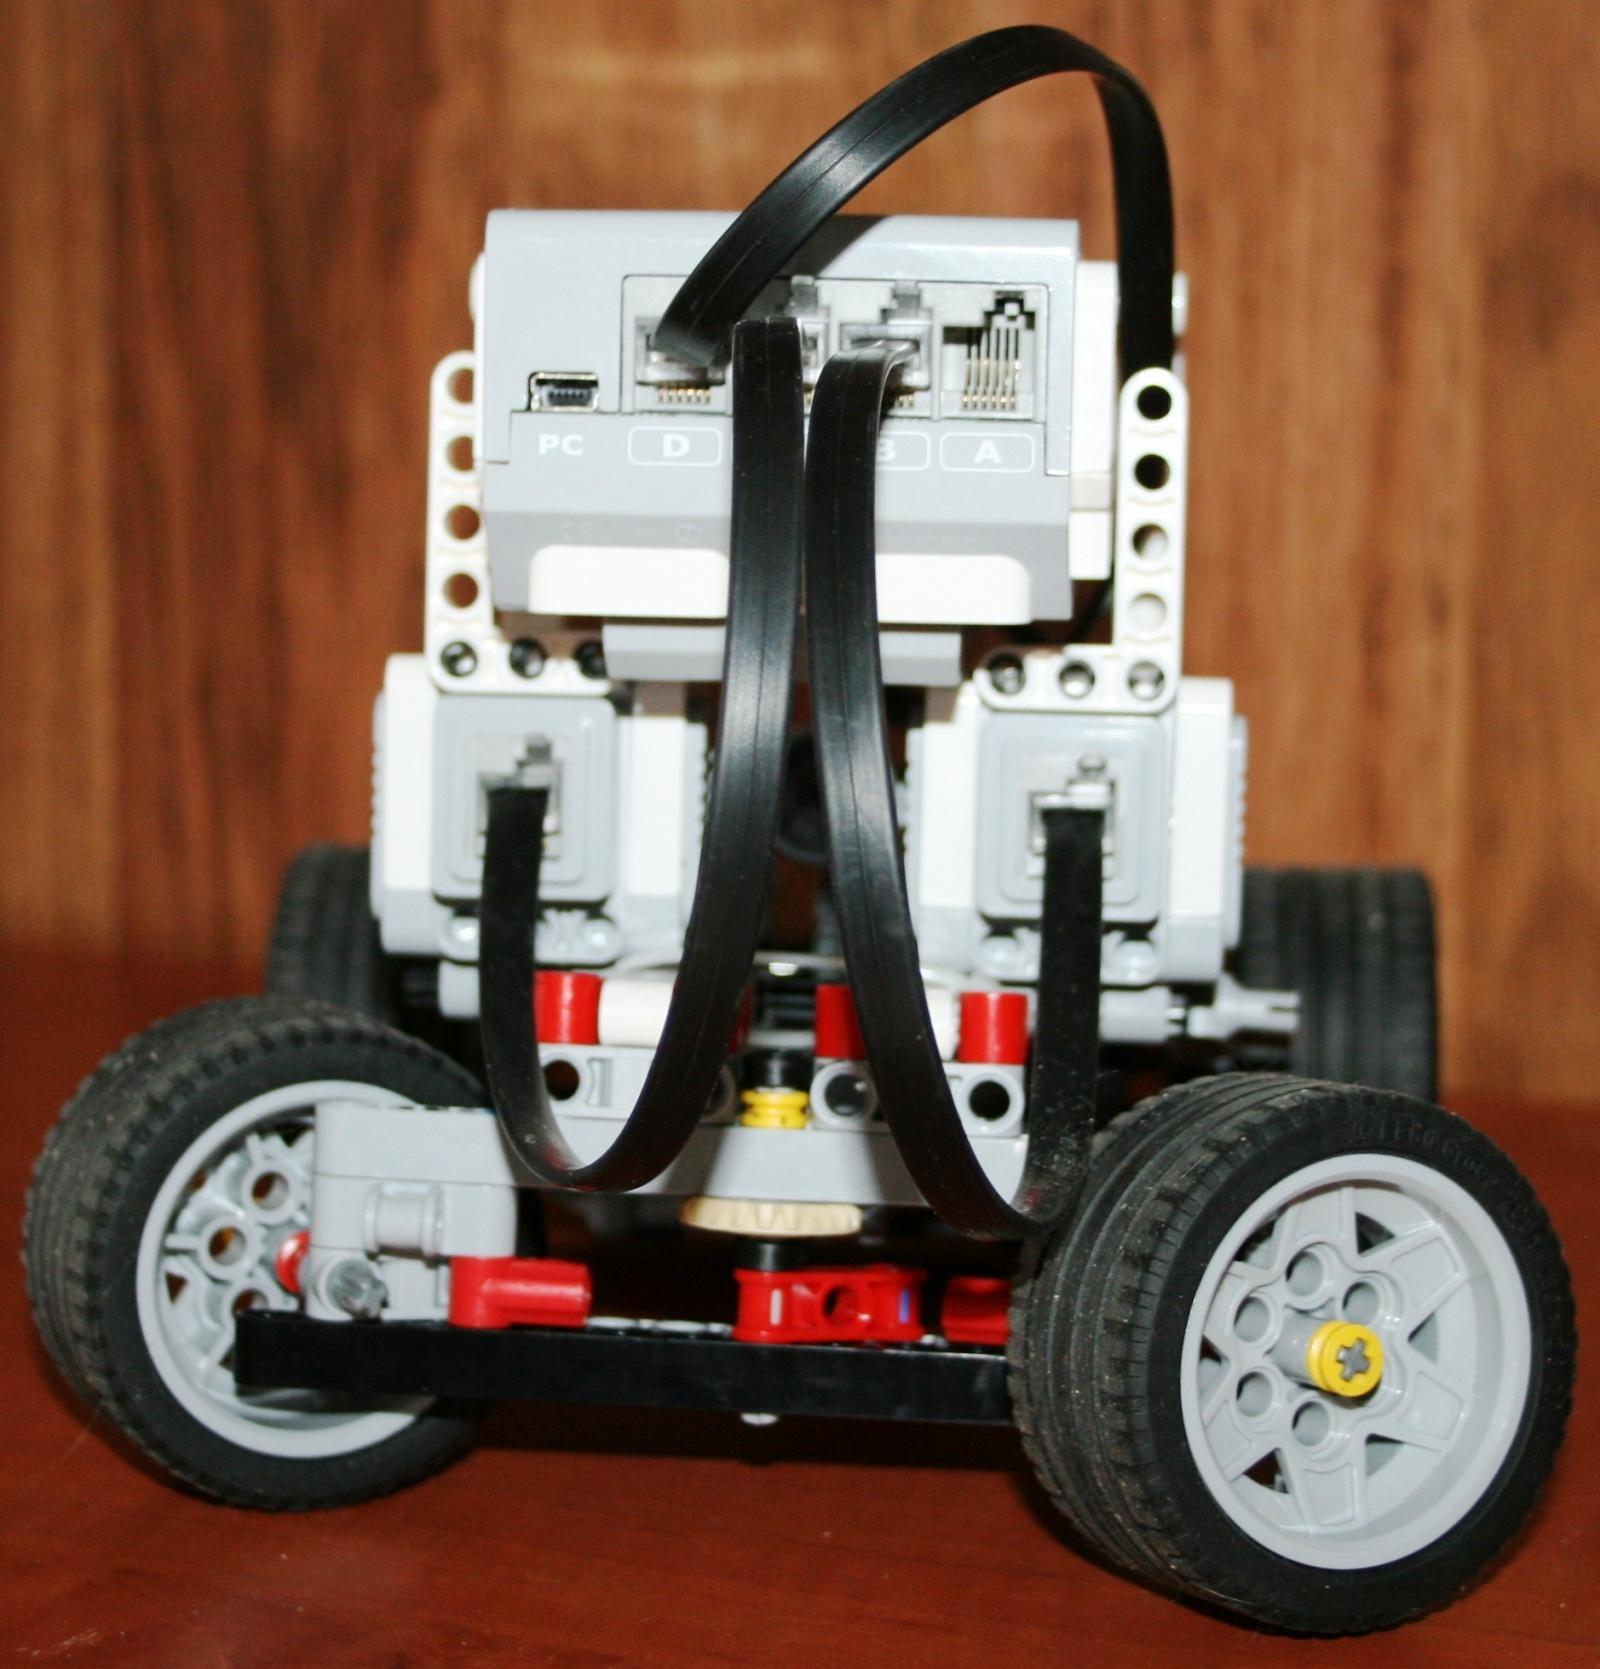 Взаимодействие с роботом на базе конструктора Lego Mindstorms EV3 через RCML - 6